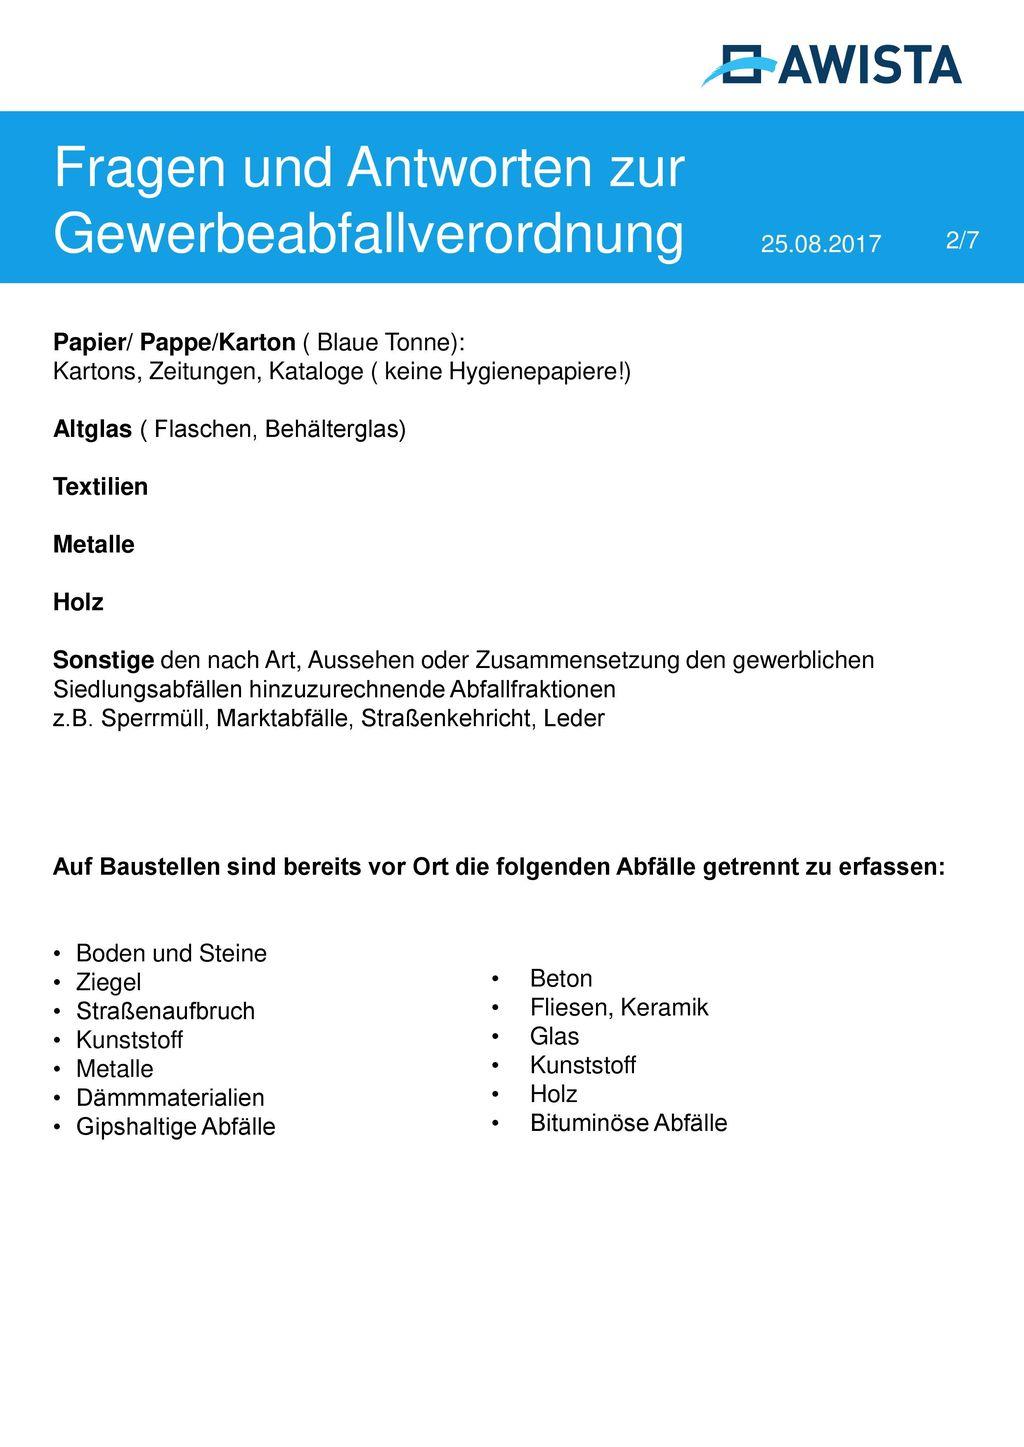 Fragen und Antworten zur Gewerbeabfallverordnung 25.08.2017